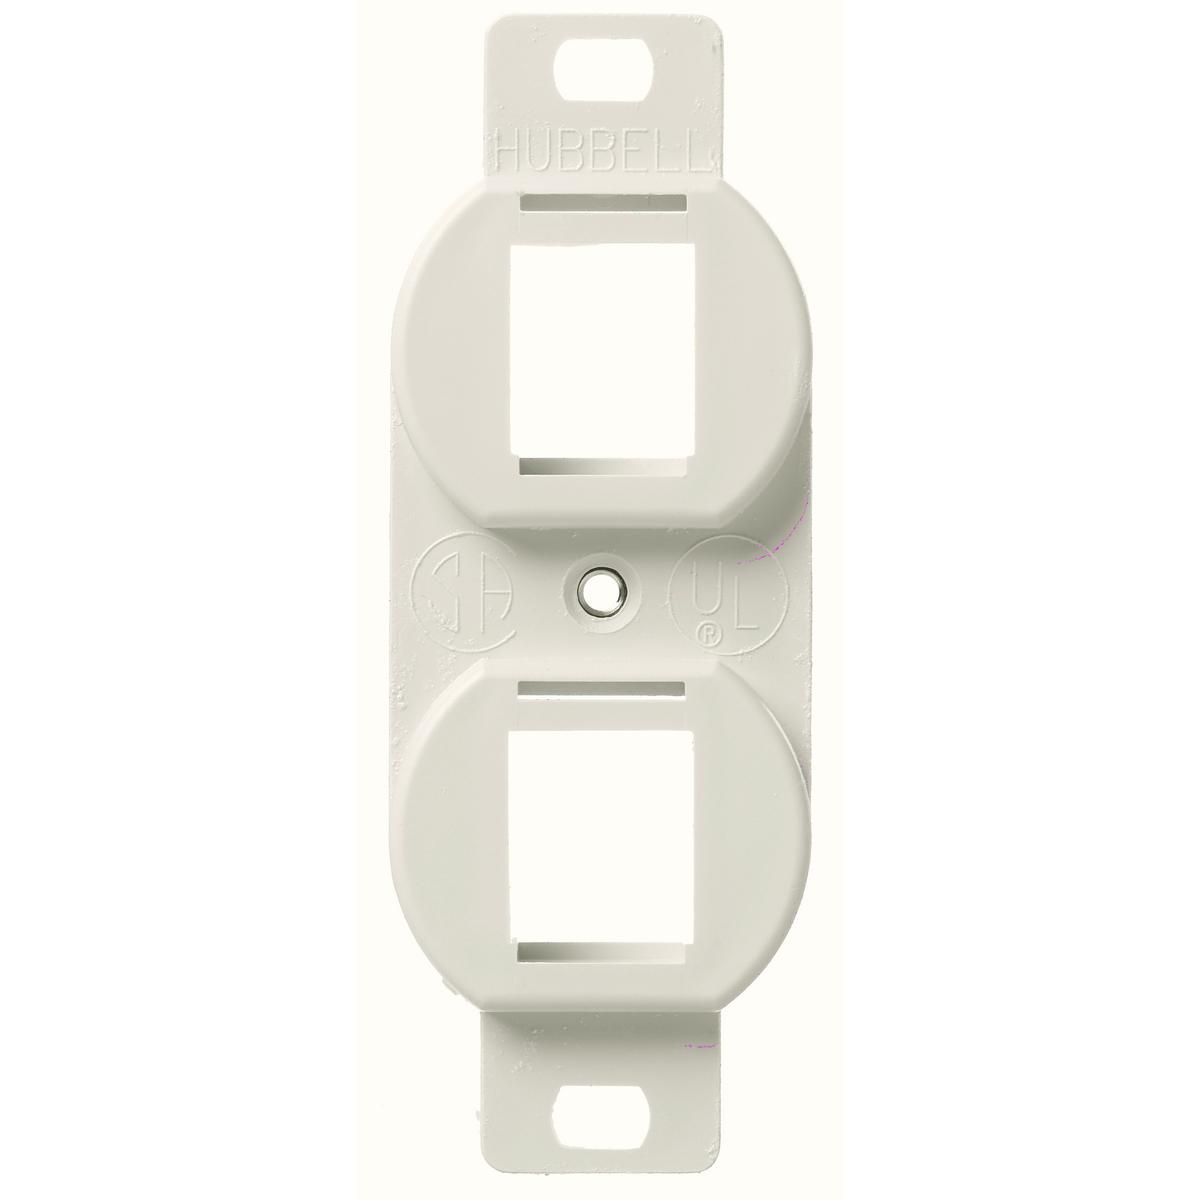 HUBPR BR106LA PLATE, FRAME, DUP, 2P, LA 2 port duplex 106 frame light almond